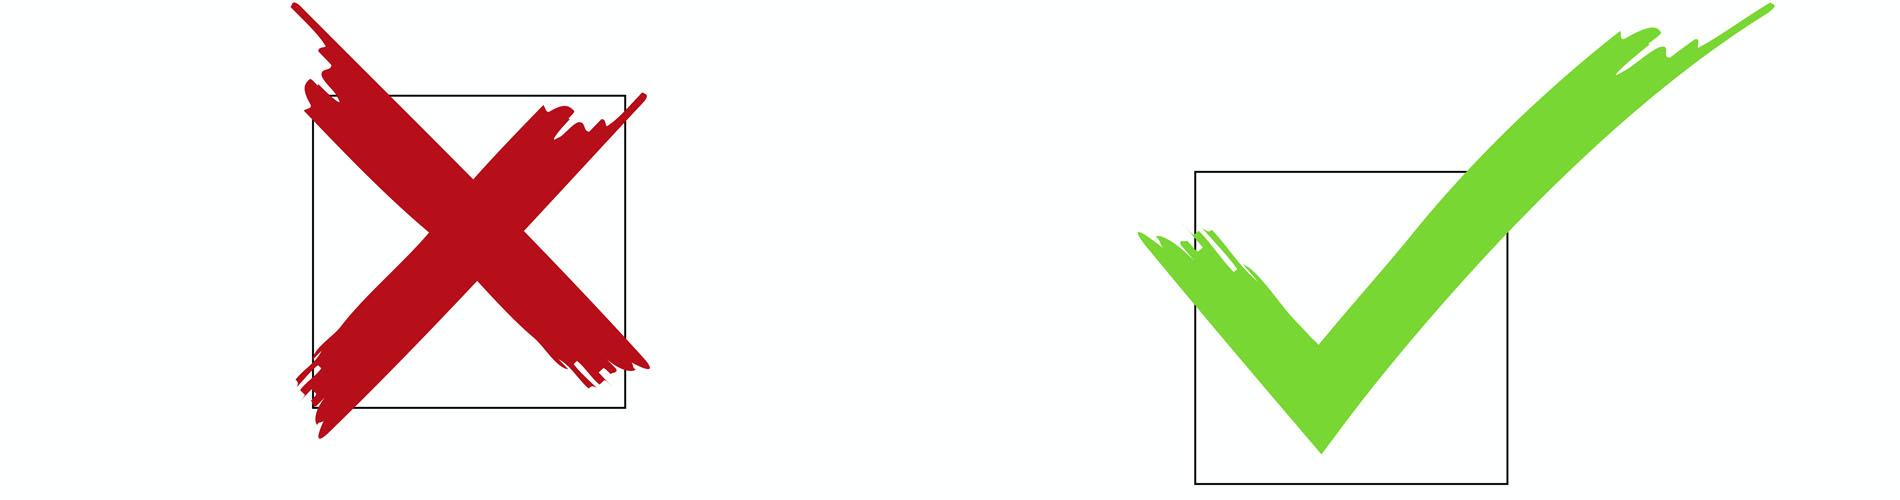 waterkoeler-flessenwaterkoeler-voordelen-nadelen